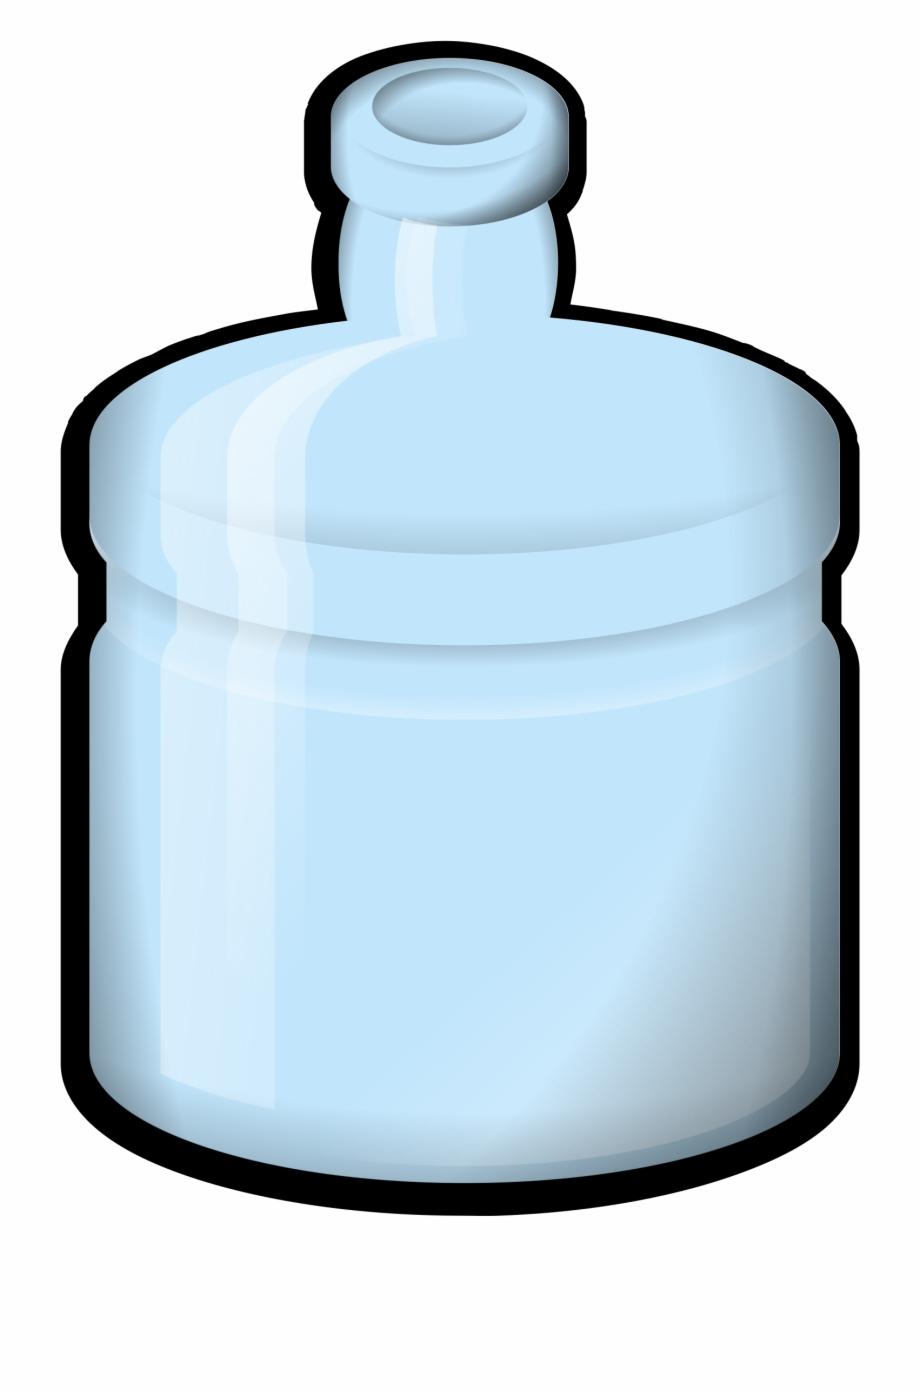 Drawn Bottle Plastic Water Bottle.